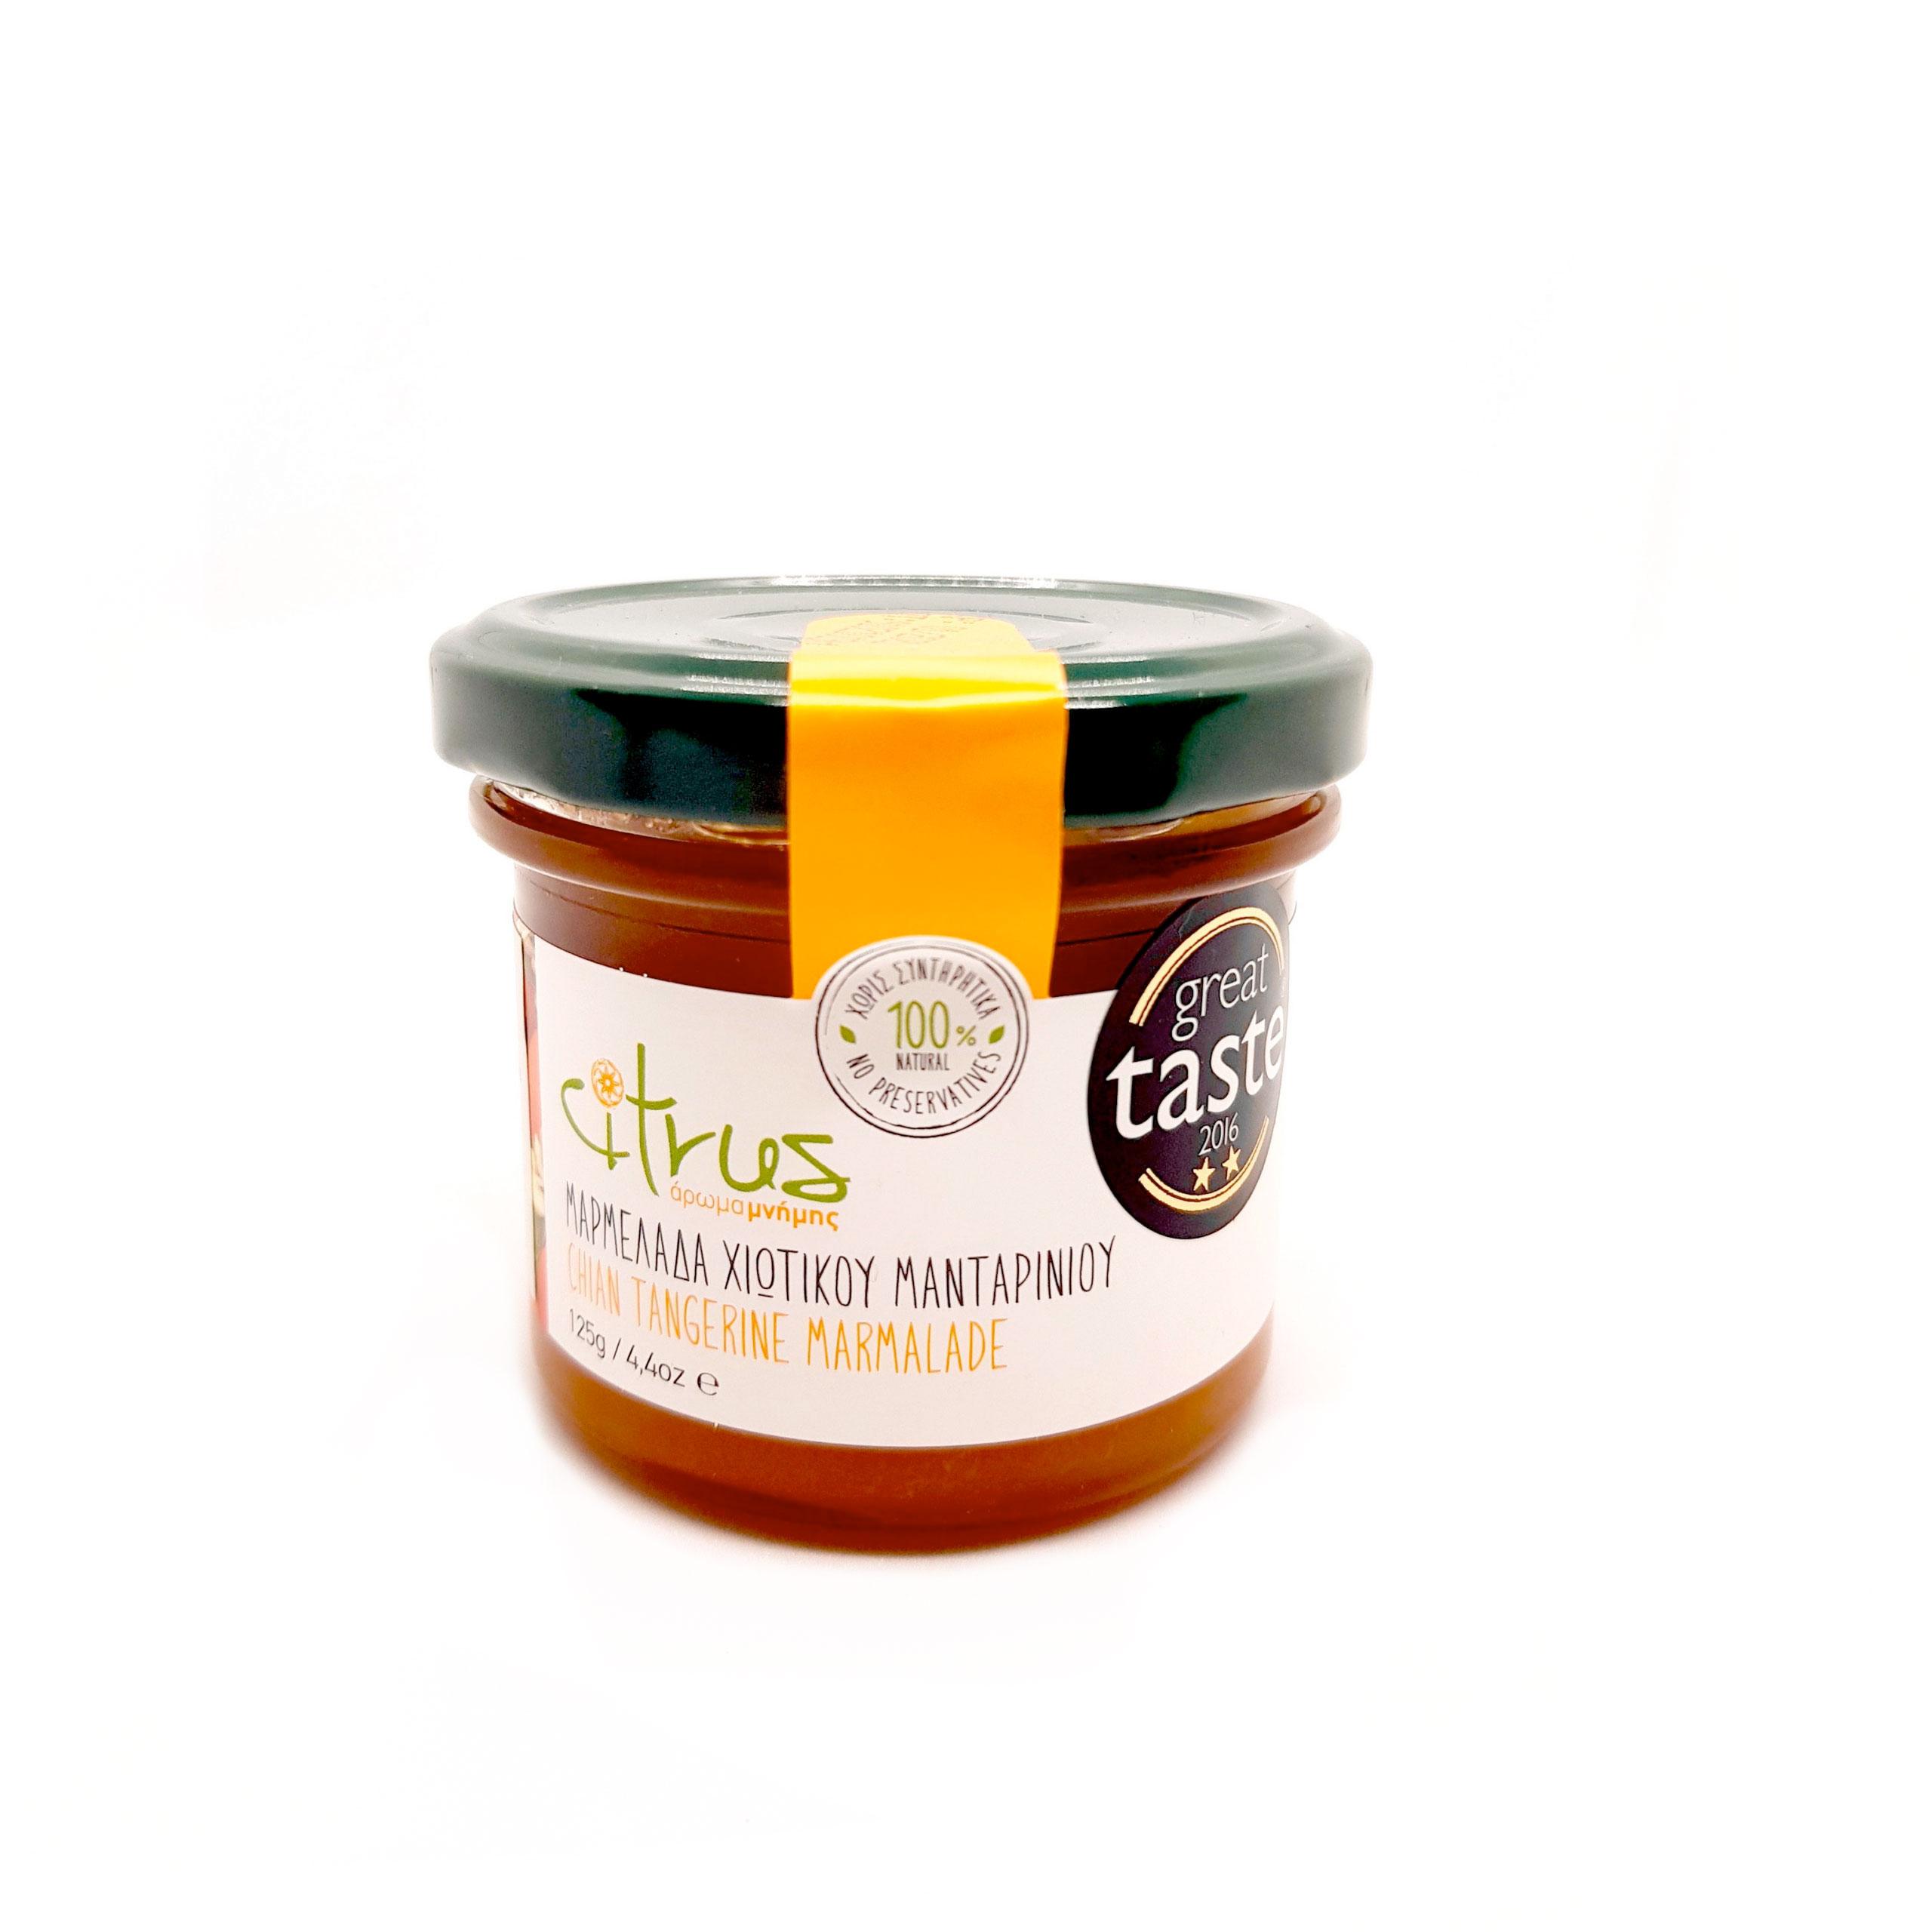 marmellata mandarino Chios D.O.P.